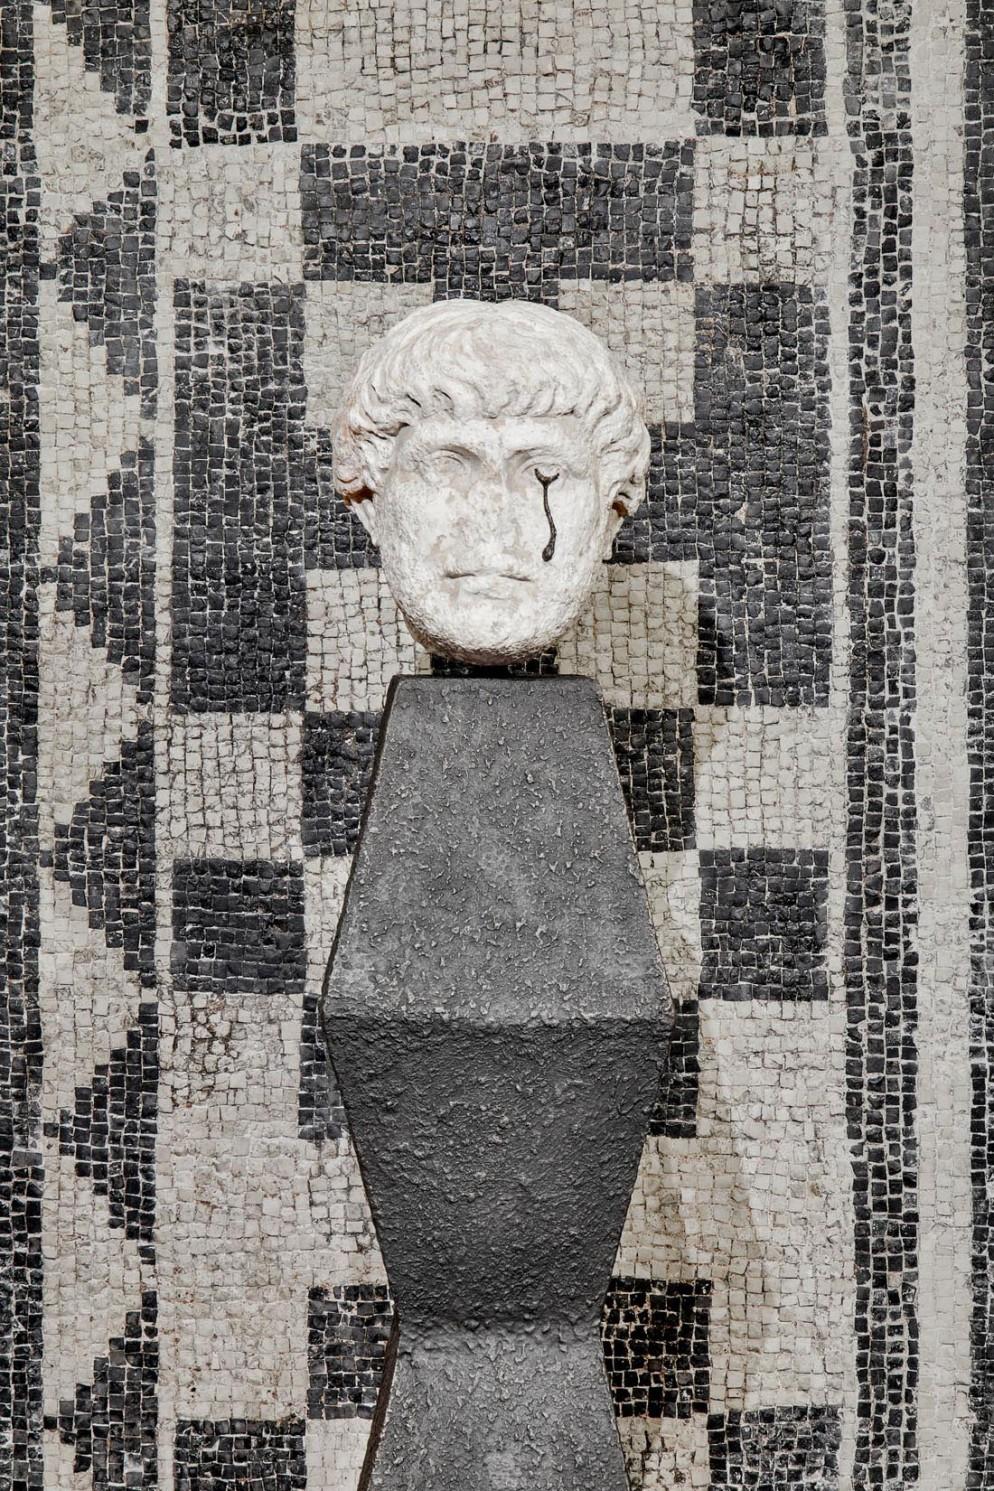 brescia-mostra-palcoscenici-archeologici-francesco-vezzoli- 22